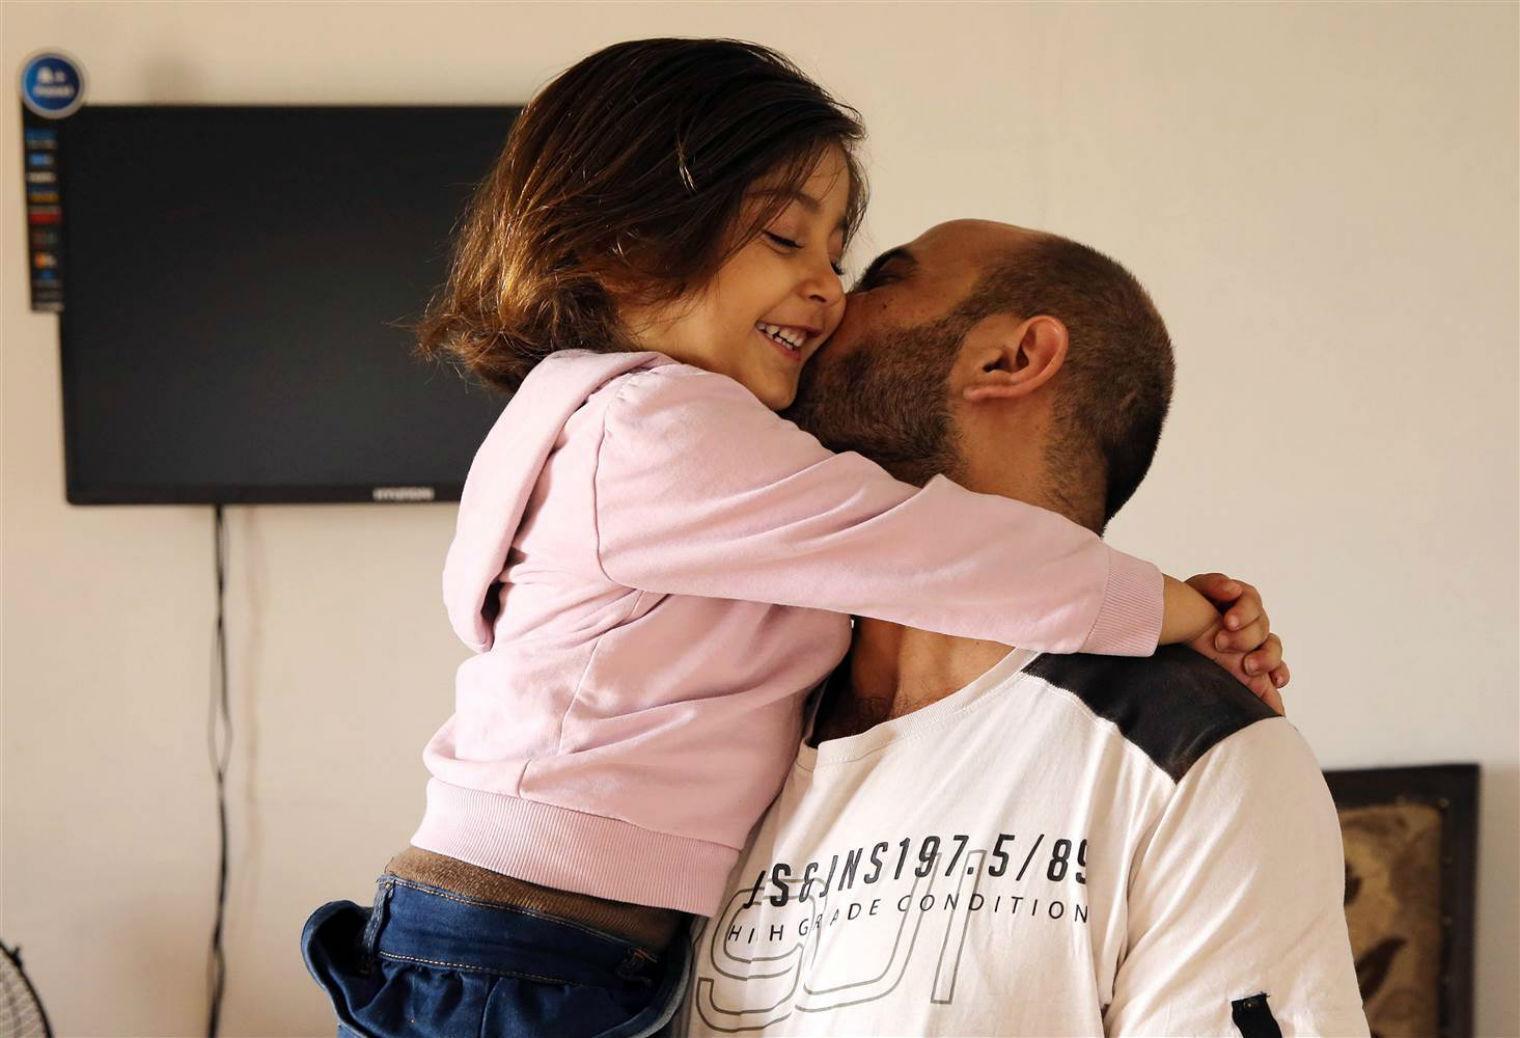 The heartwarming 'pen-seller of Beirut' story has taken a bitter ...